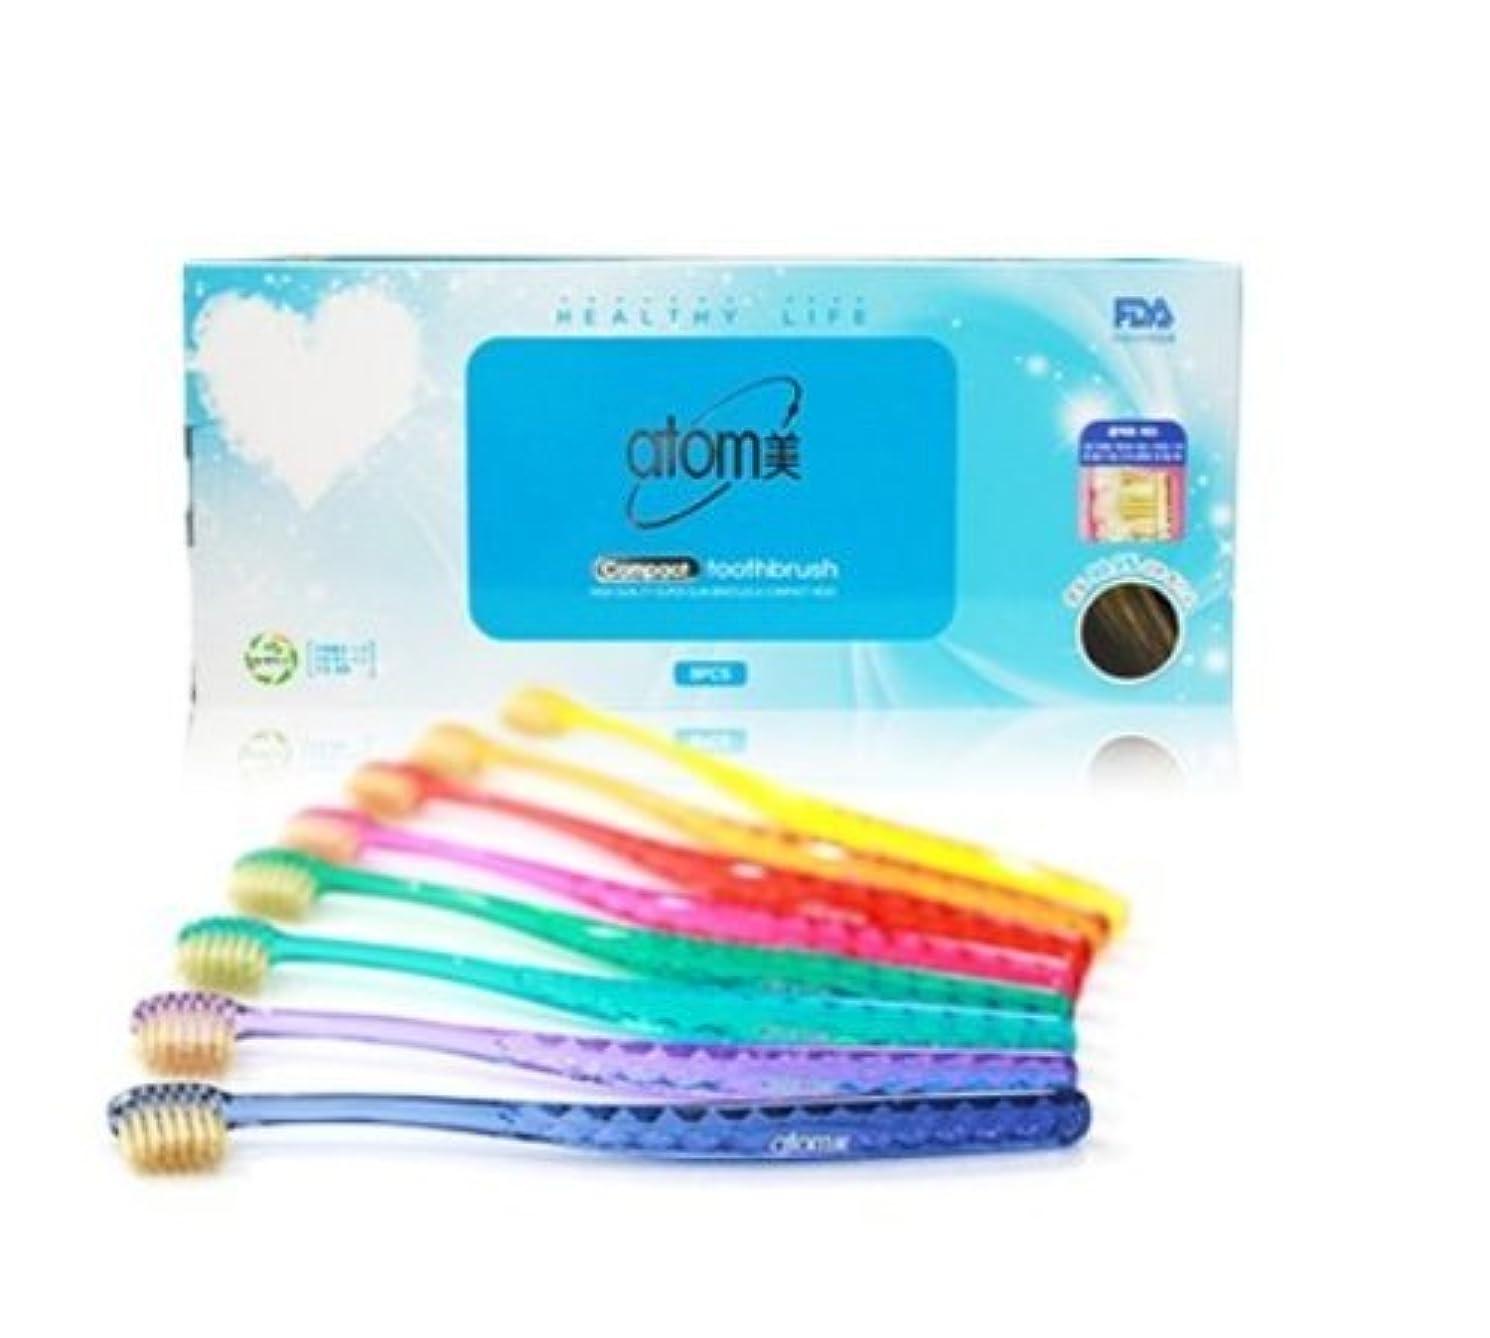 寛容豪華なタックルAtomi Atomy Atom美 アトミ アトミコンパクト歯ブラシ8本セット